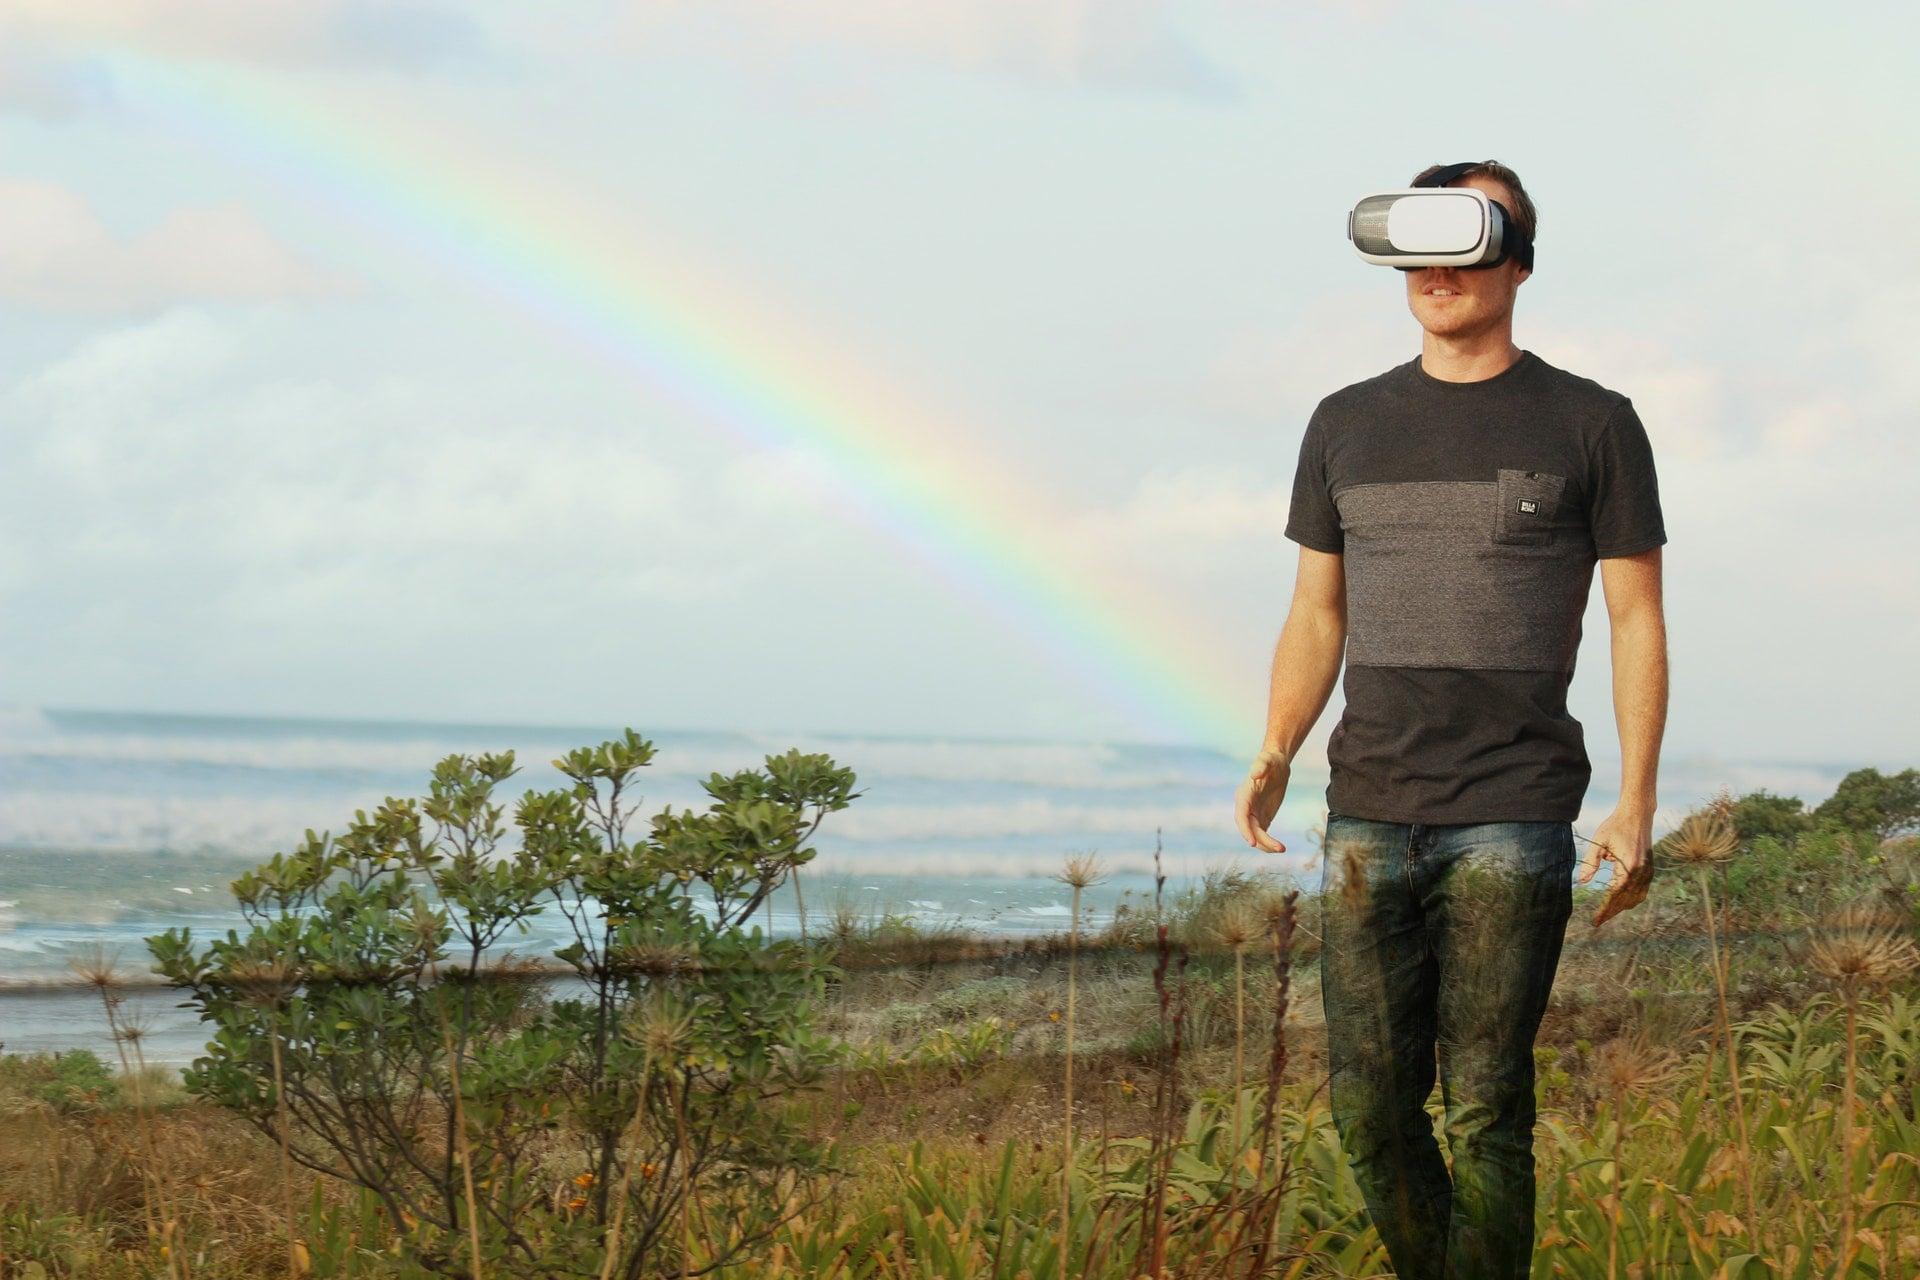 Po raz pierwszy w jednym kwartale sprzedano ponad milion gogli wirtualnej rzeczywistości 24